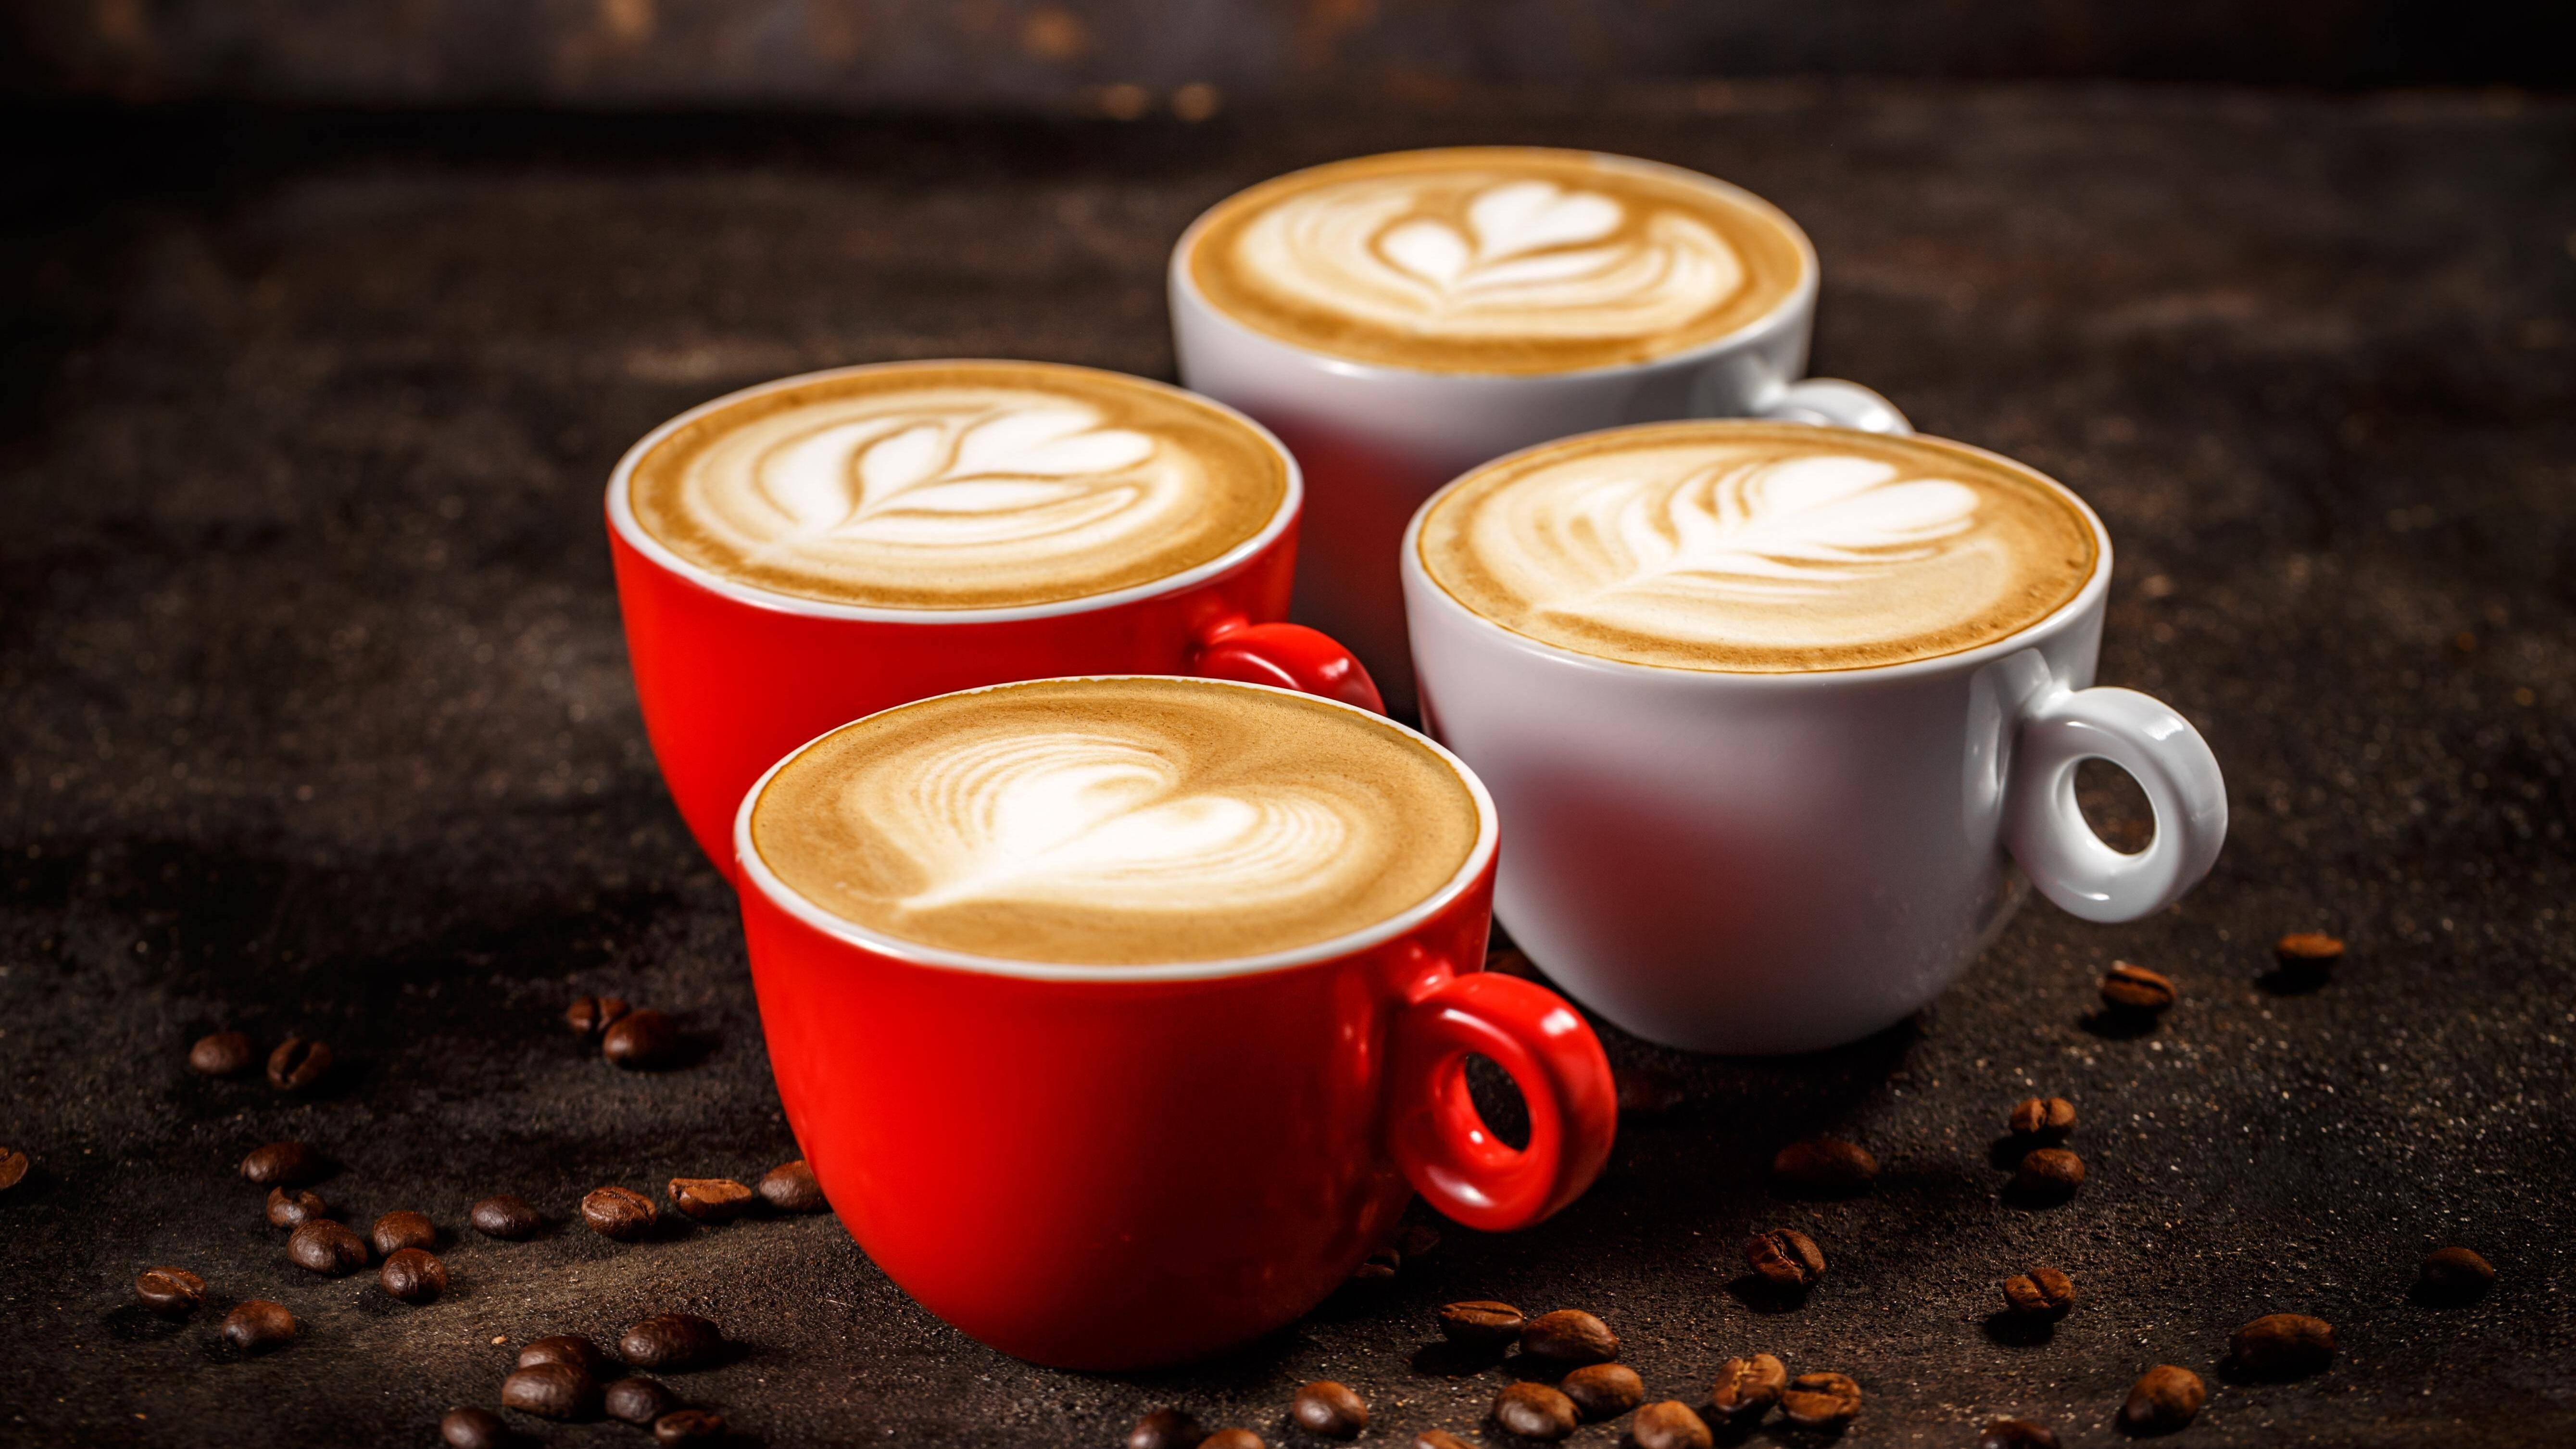 Ob Kaffee dick macht oder nicht, hängt von Ihren persönlichen Trink- und Essgewohnheiten ab.